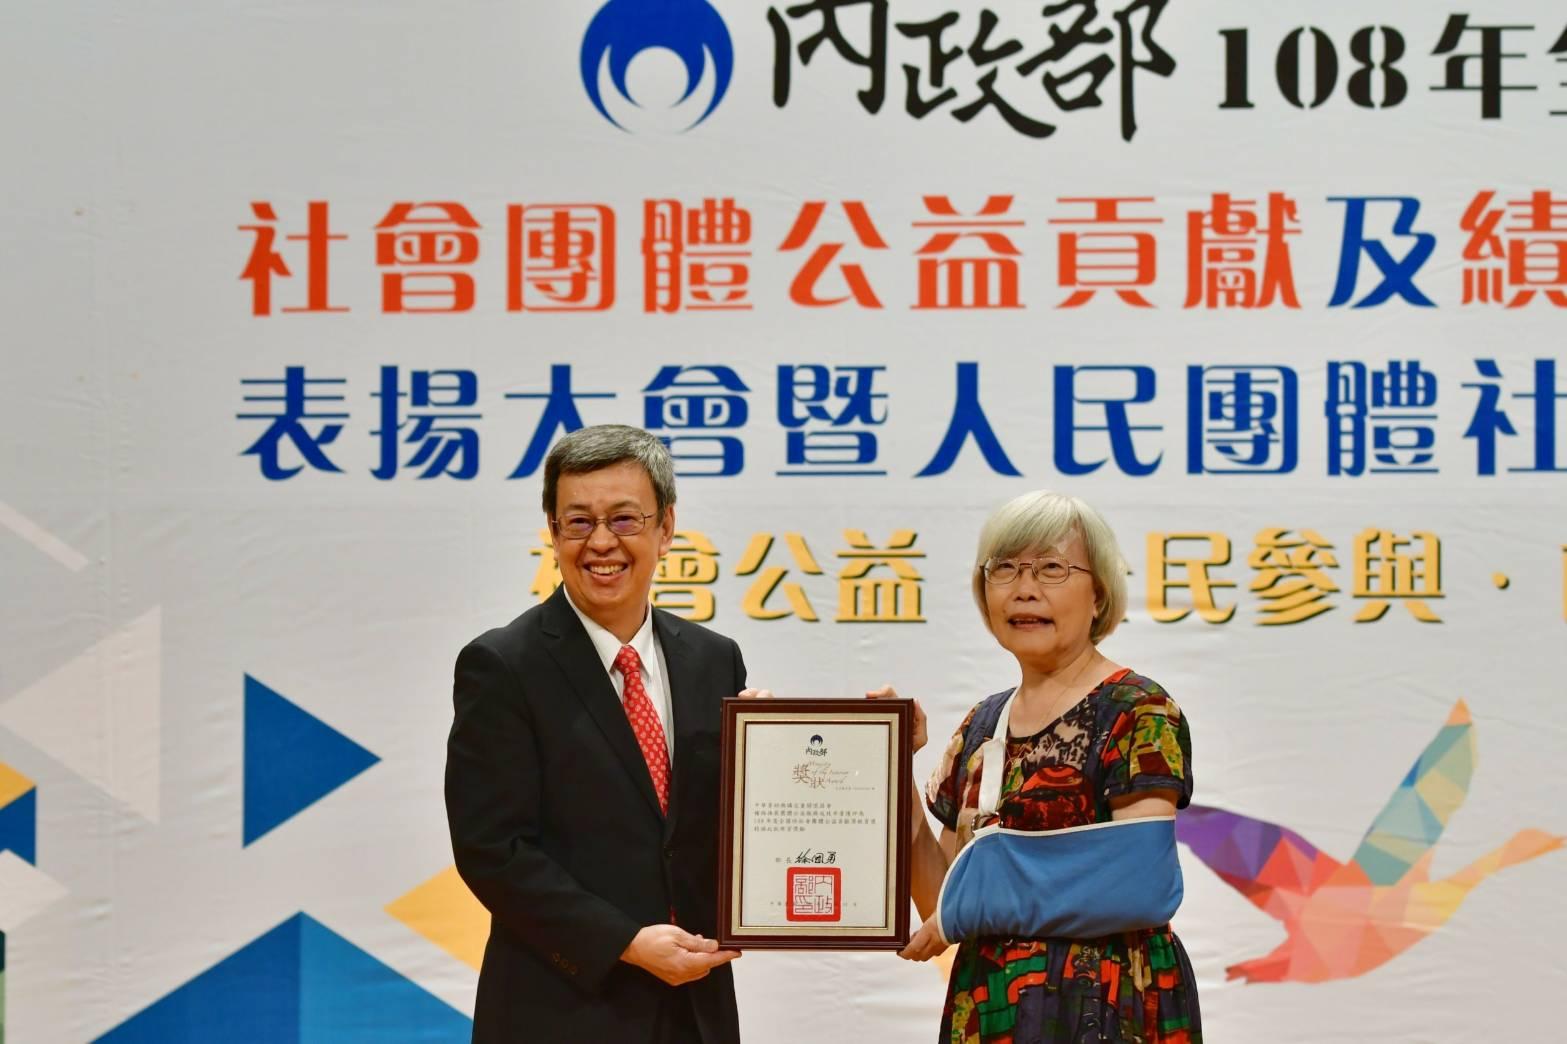 陳副總統與獲獎團體合影